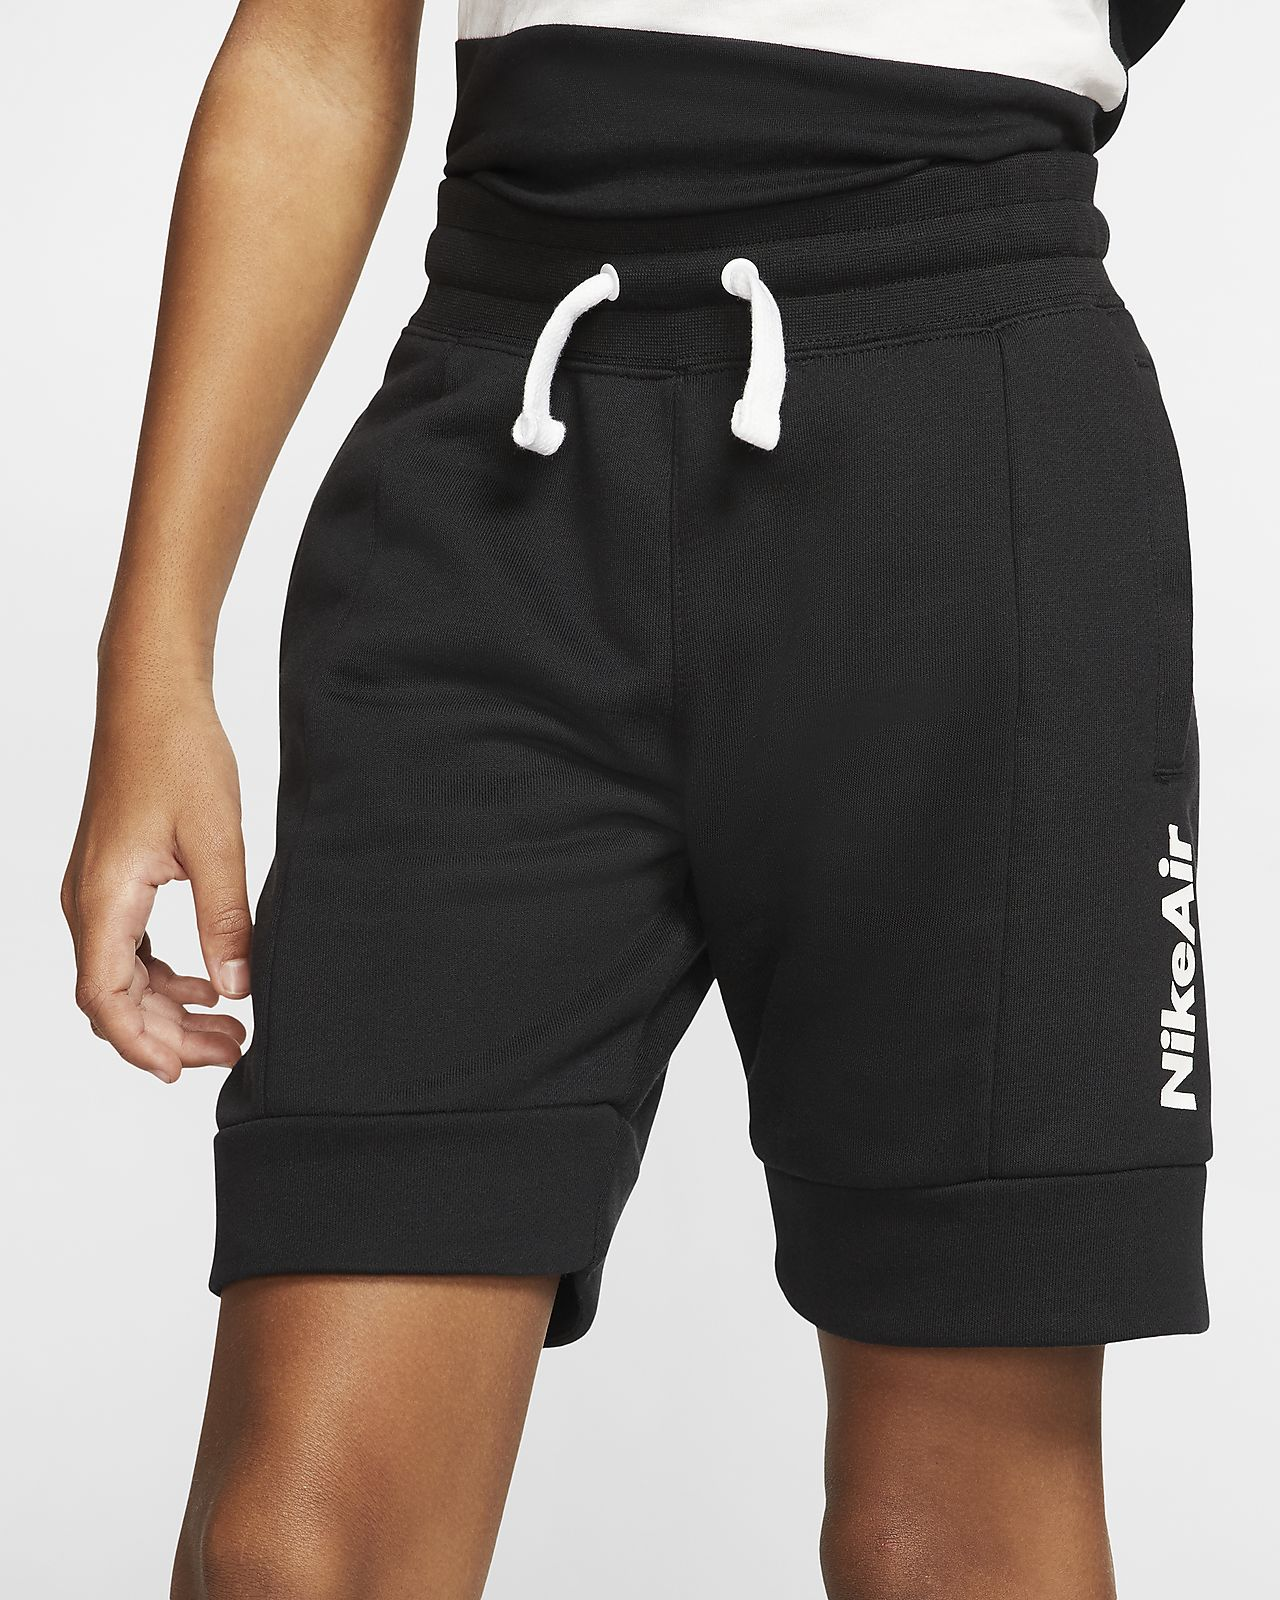 Calções Nike Air para mulher